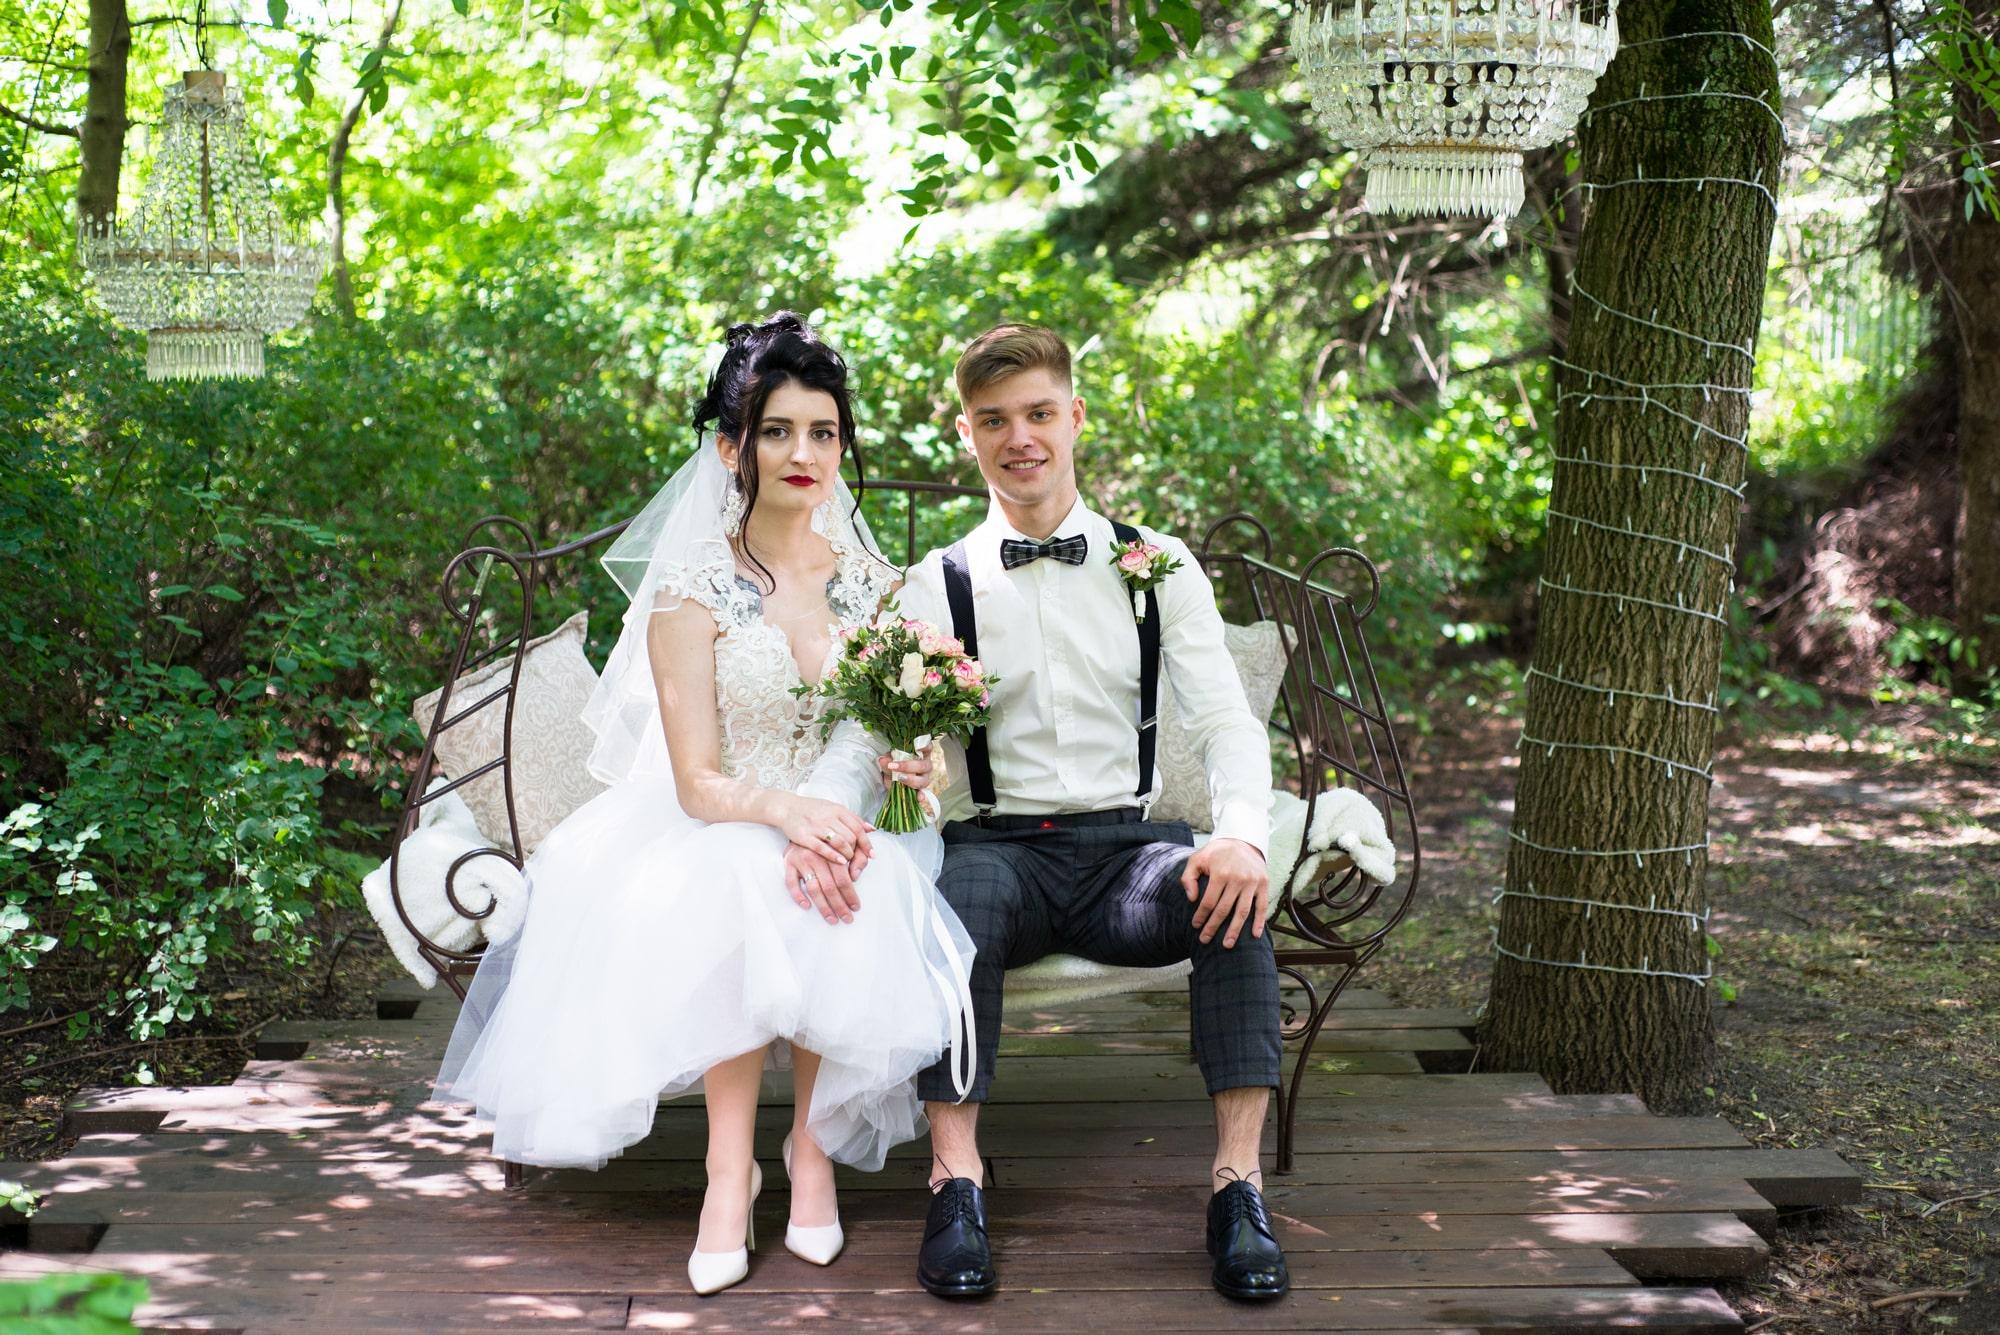 Свадебная фотосессия в студии Play - невеста и жених в тени деревьев